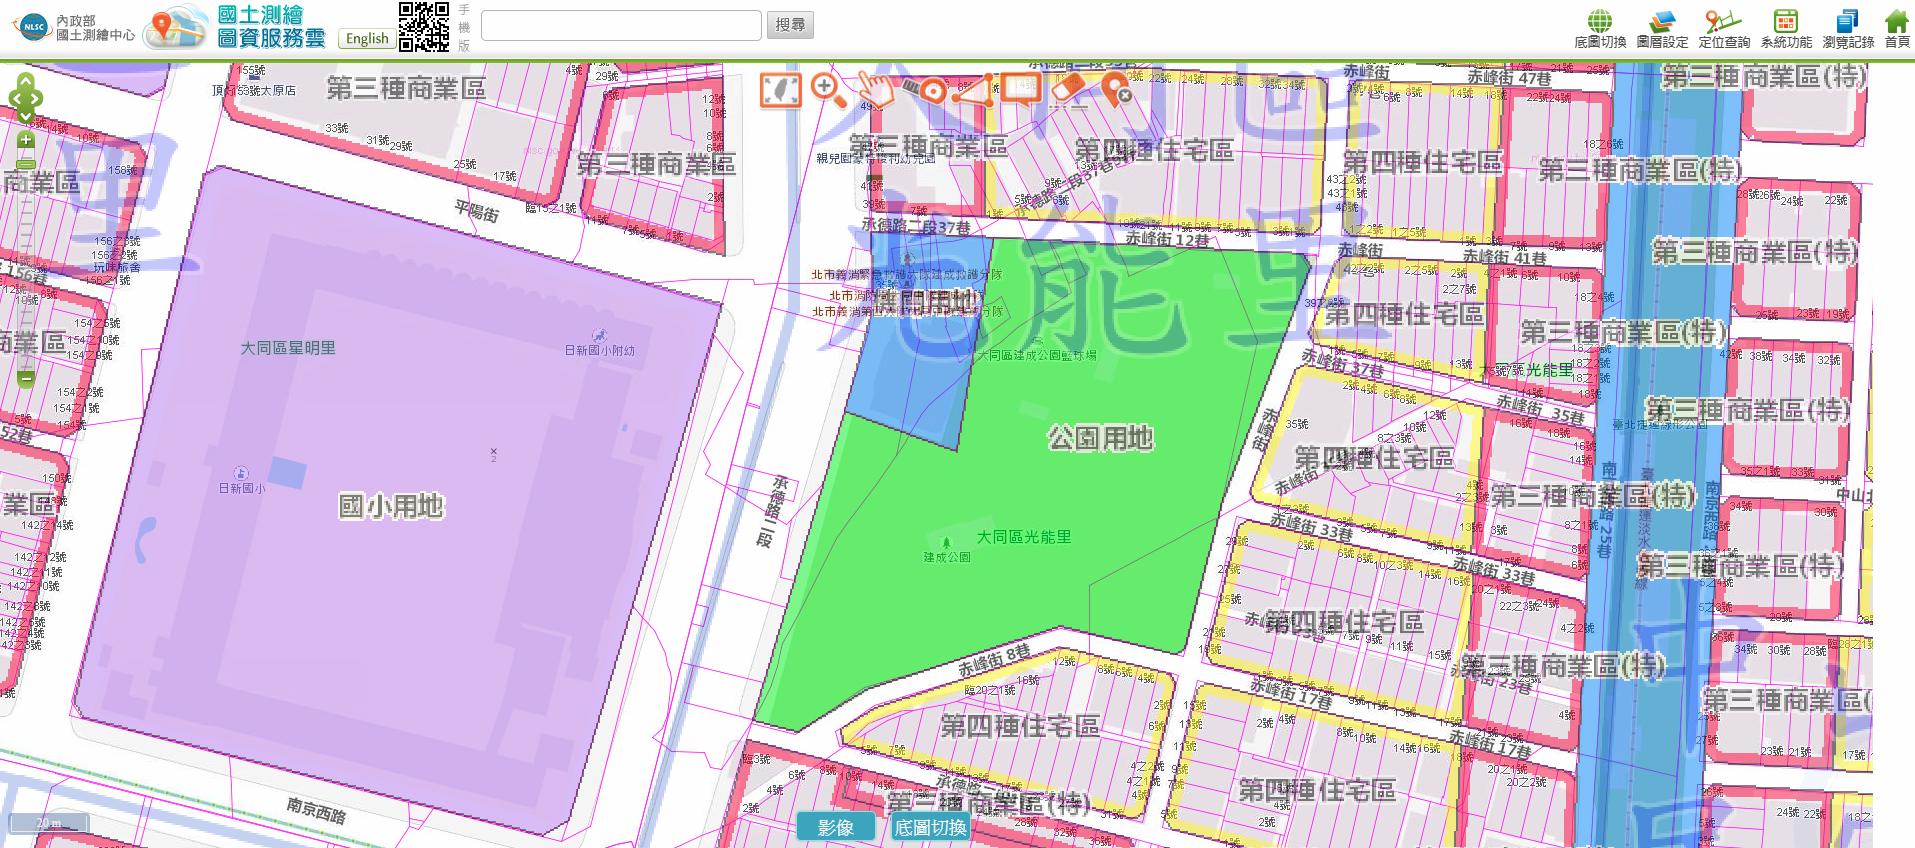 建成公園周遭土地使用分區圖